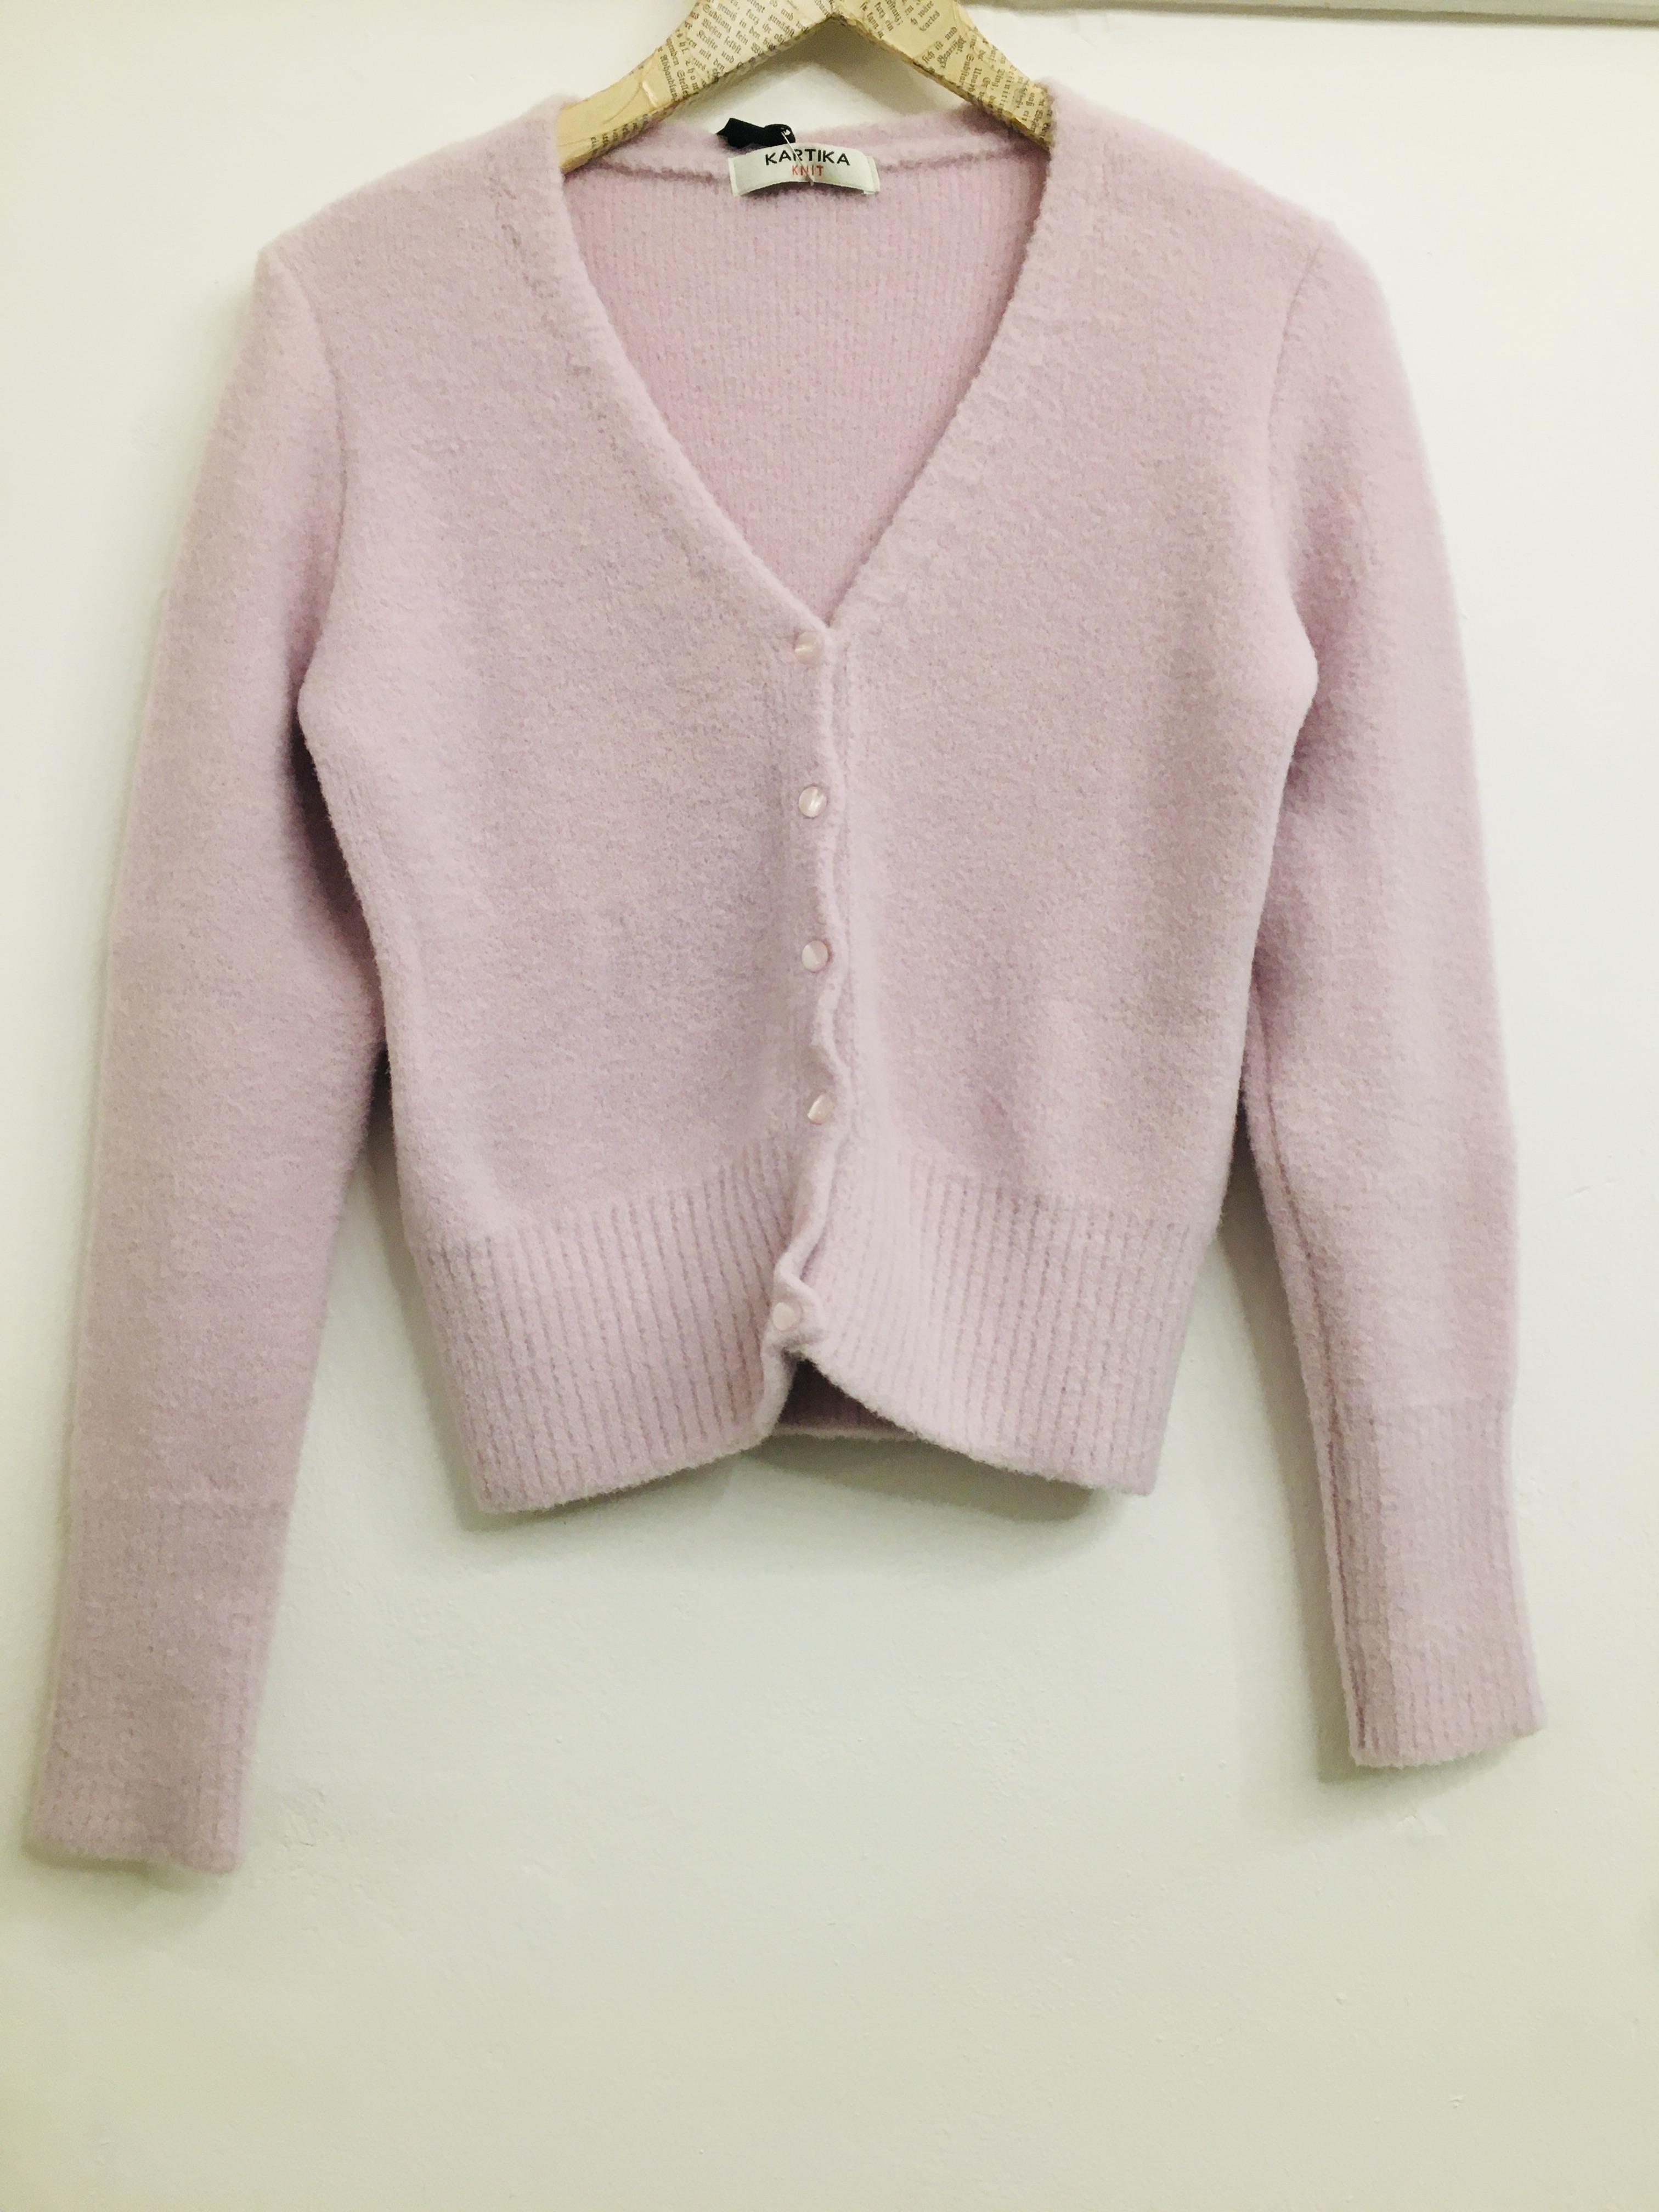 Cardigan donna  rosa pallido  con bottoni  scollo a V  modello